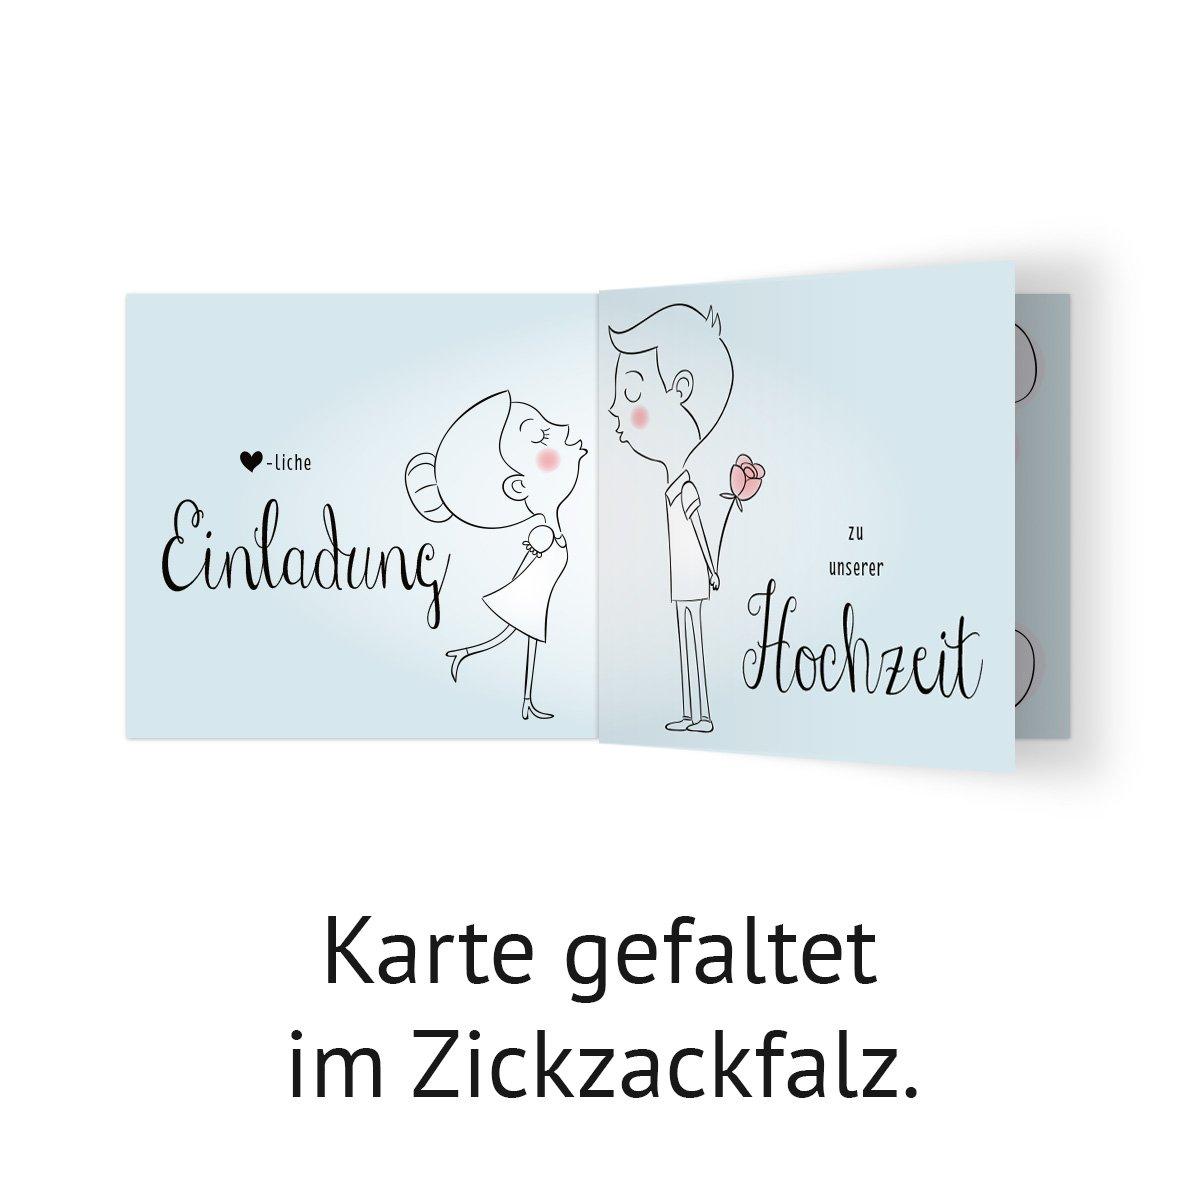 50 x Hochzeit Einladungskarten Hochzeitseinladungen Hochzeitskarten K/üssendes Paar